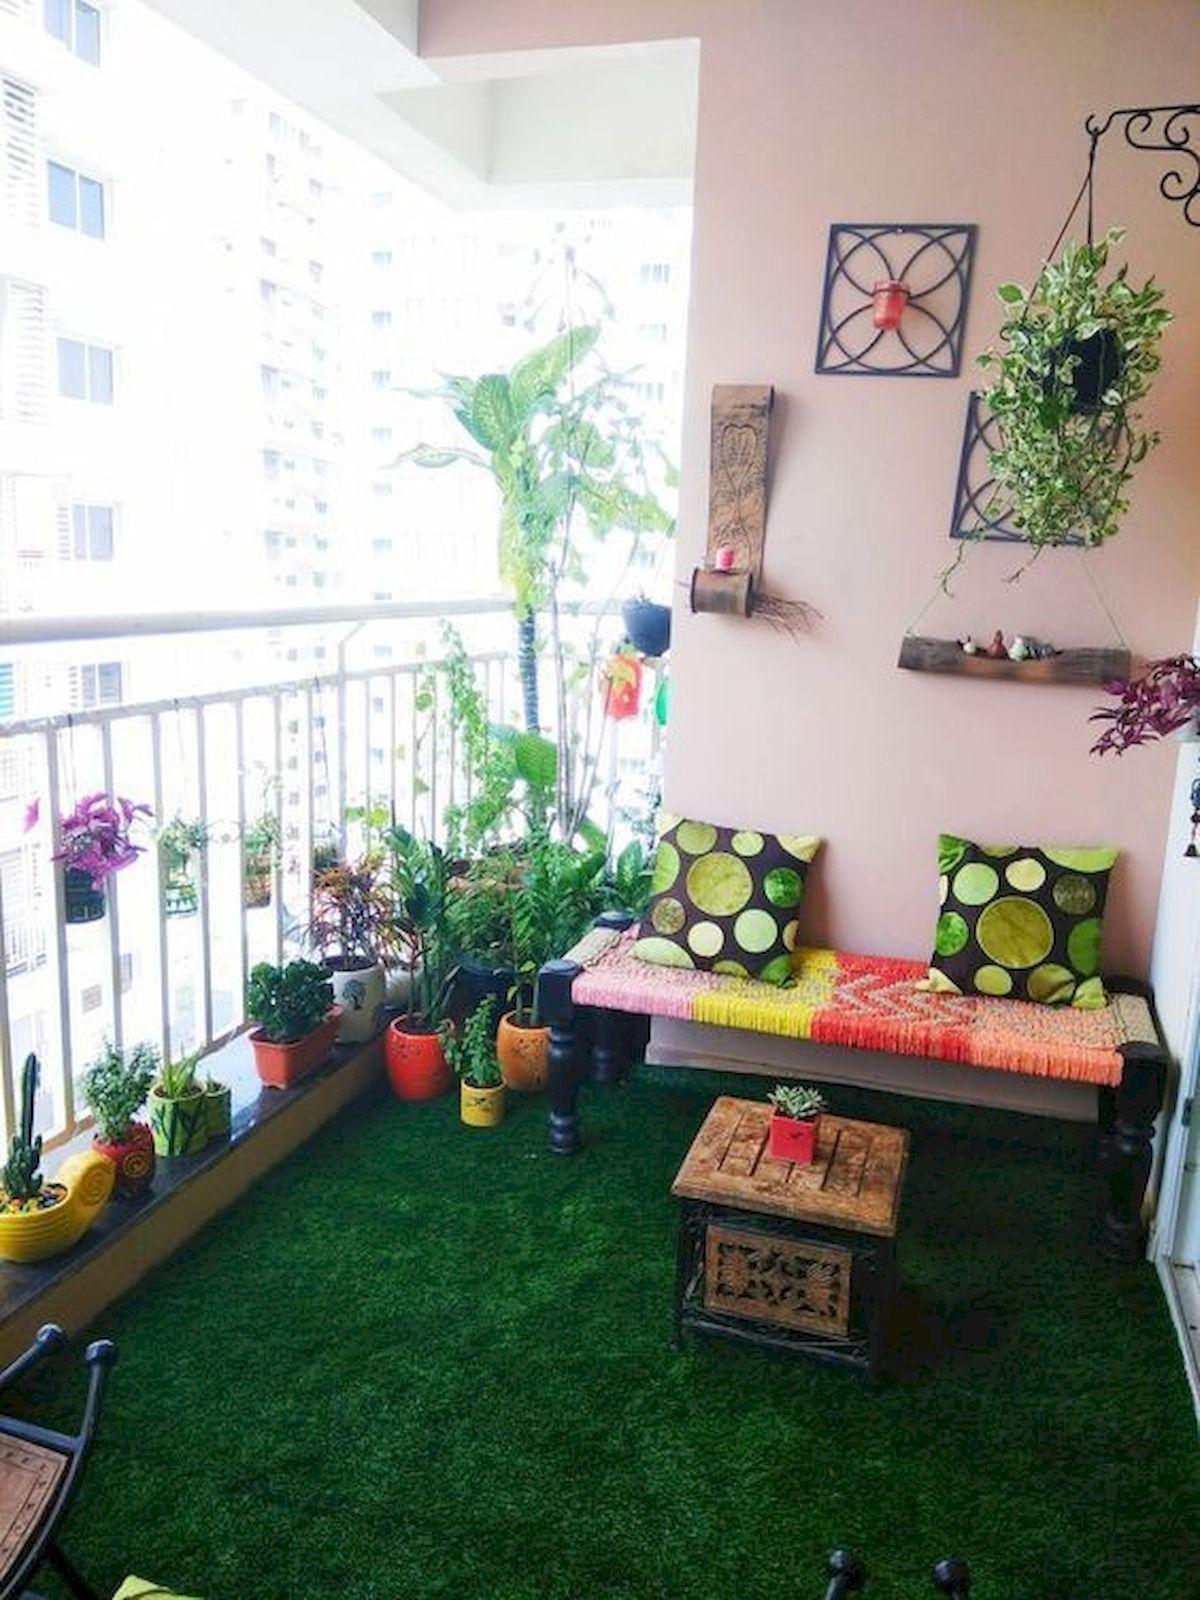 condo balcony garden ideas on 70 awesome small garden ideas for apartment 44 terrace decor home garden design apartment balcony decorating pinterest